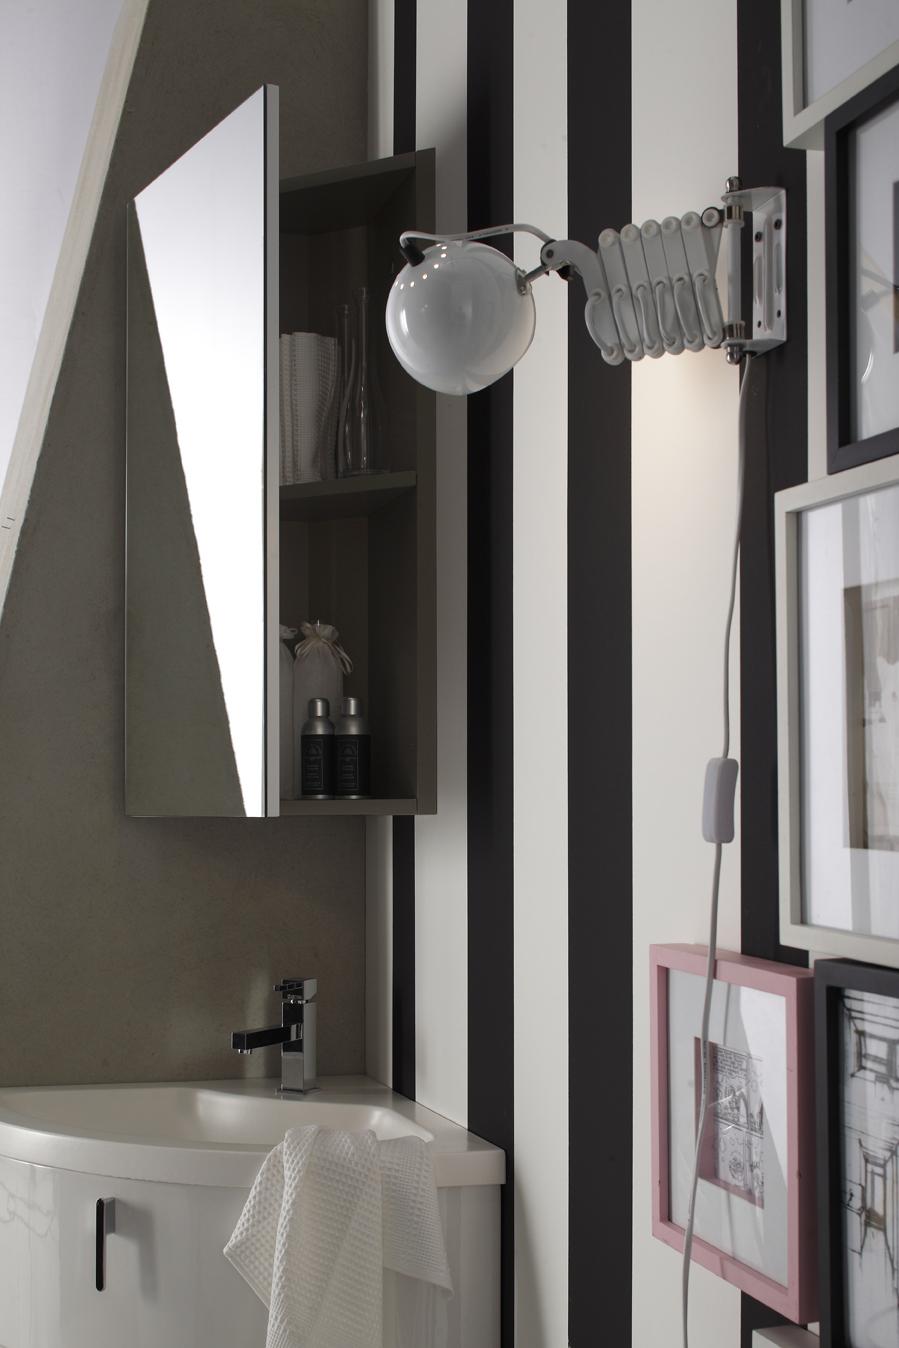 Pensile ad angolo - La specchiera ad angolo nasconde un pratico contenitore, ideale per gli ambienti più ristretti.